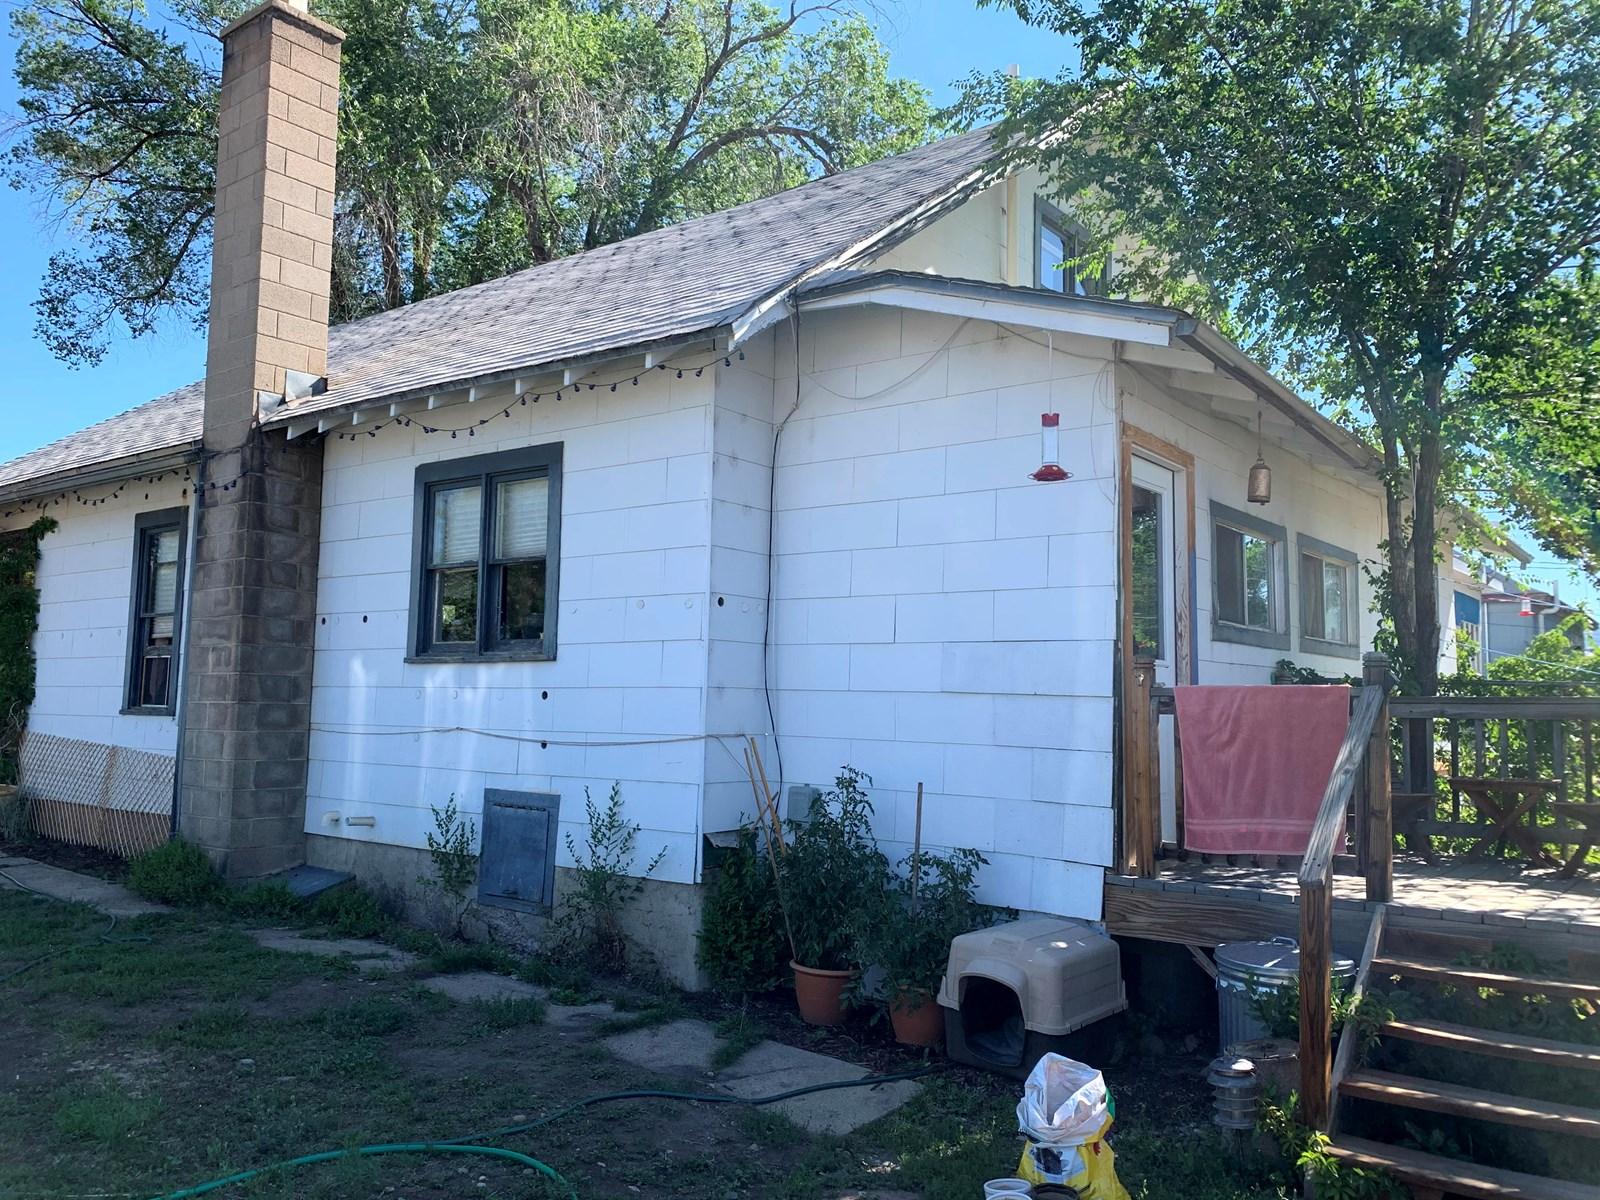 3 BR/ 1BA Quaint home in historic Mancos, Colorado